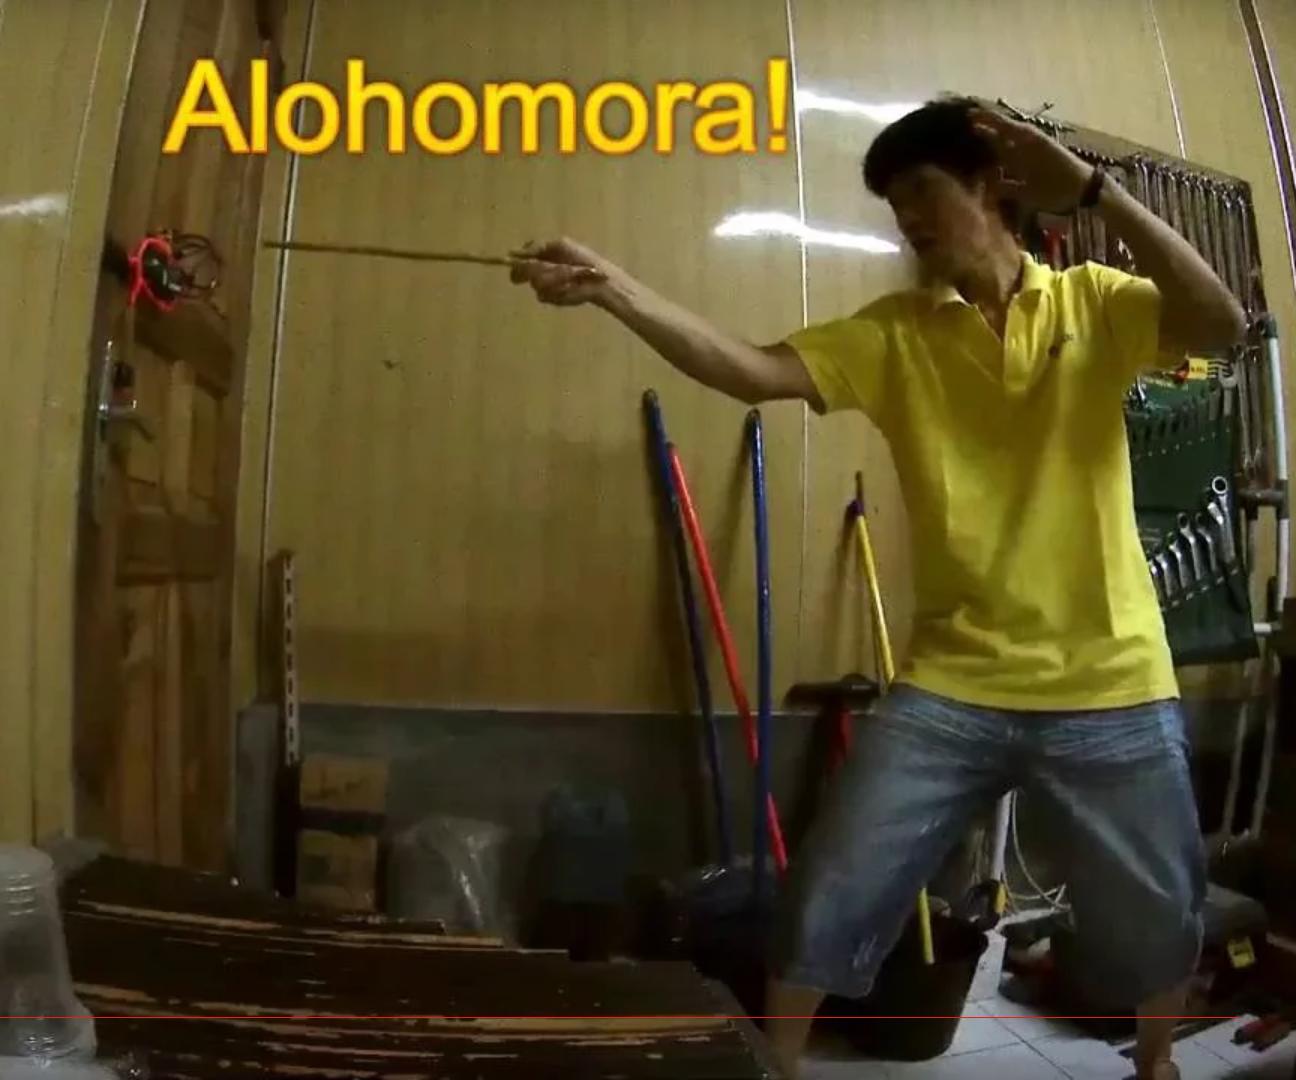 Alohomora :: Unlock The Door